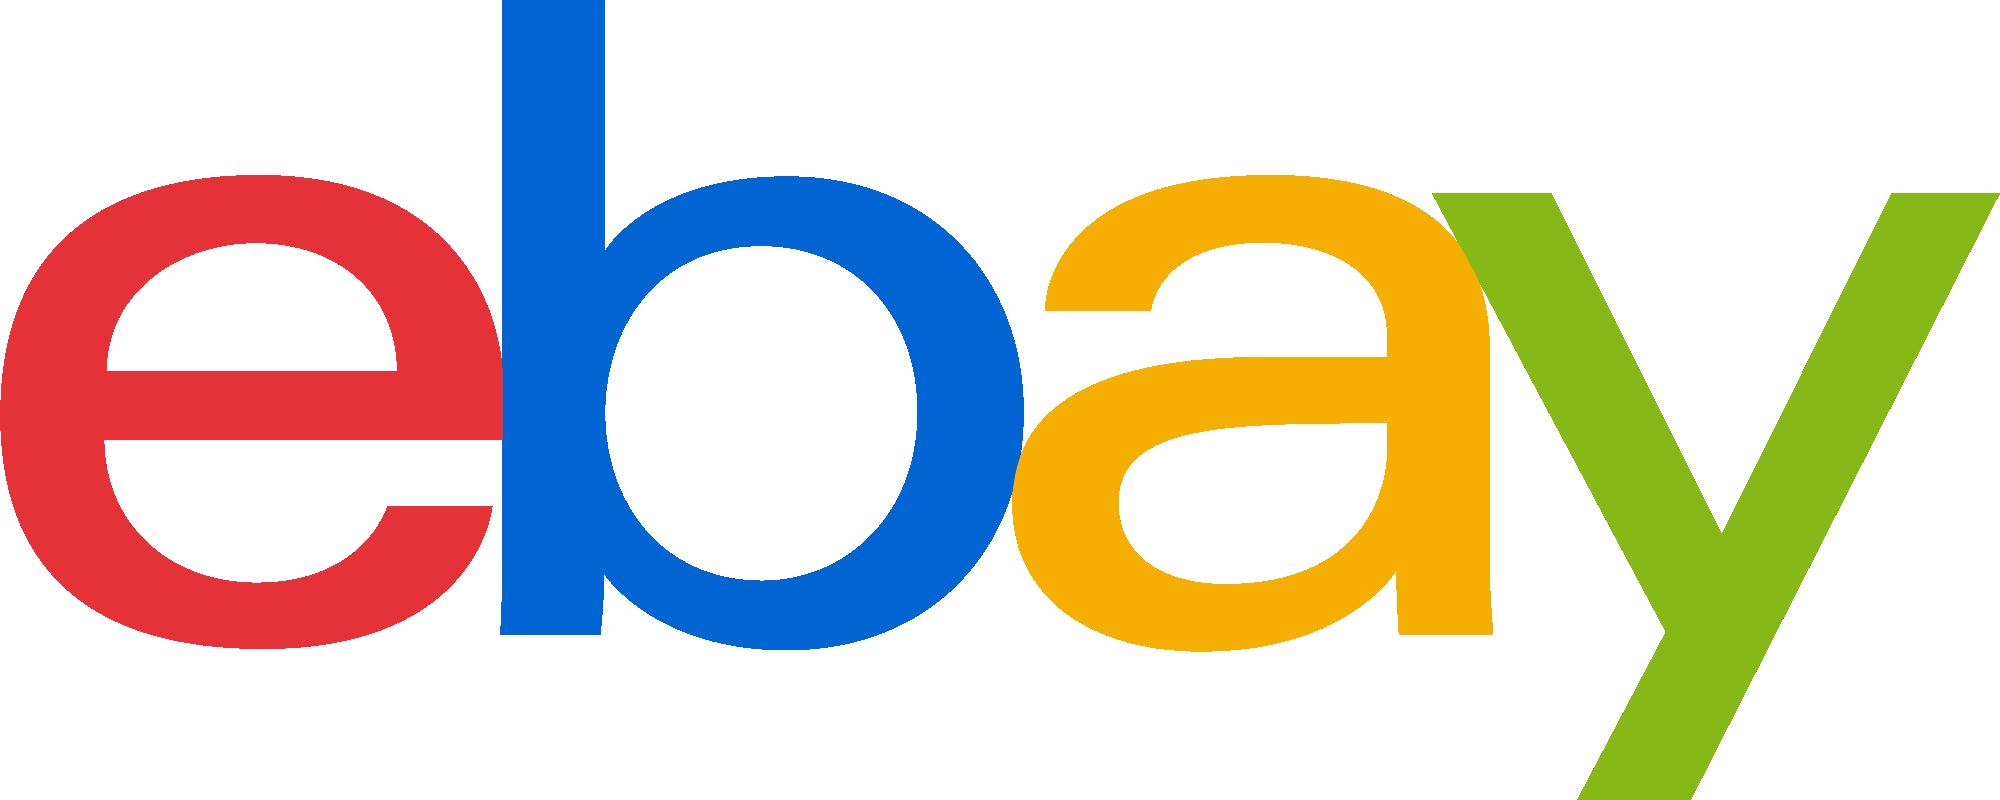 eBay Offer...